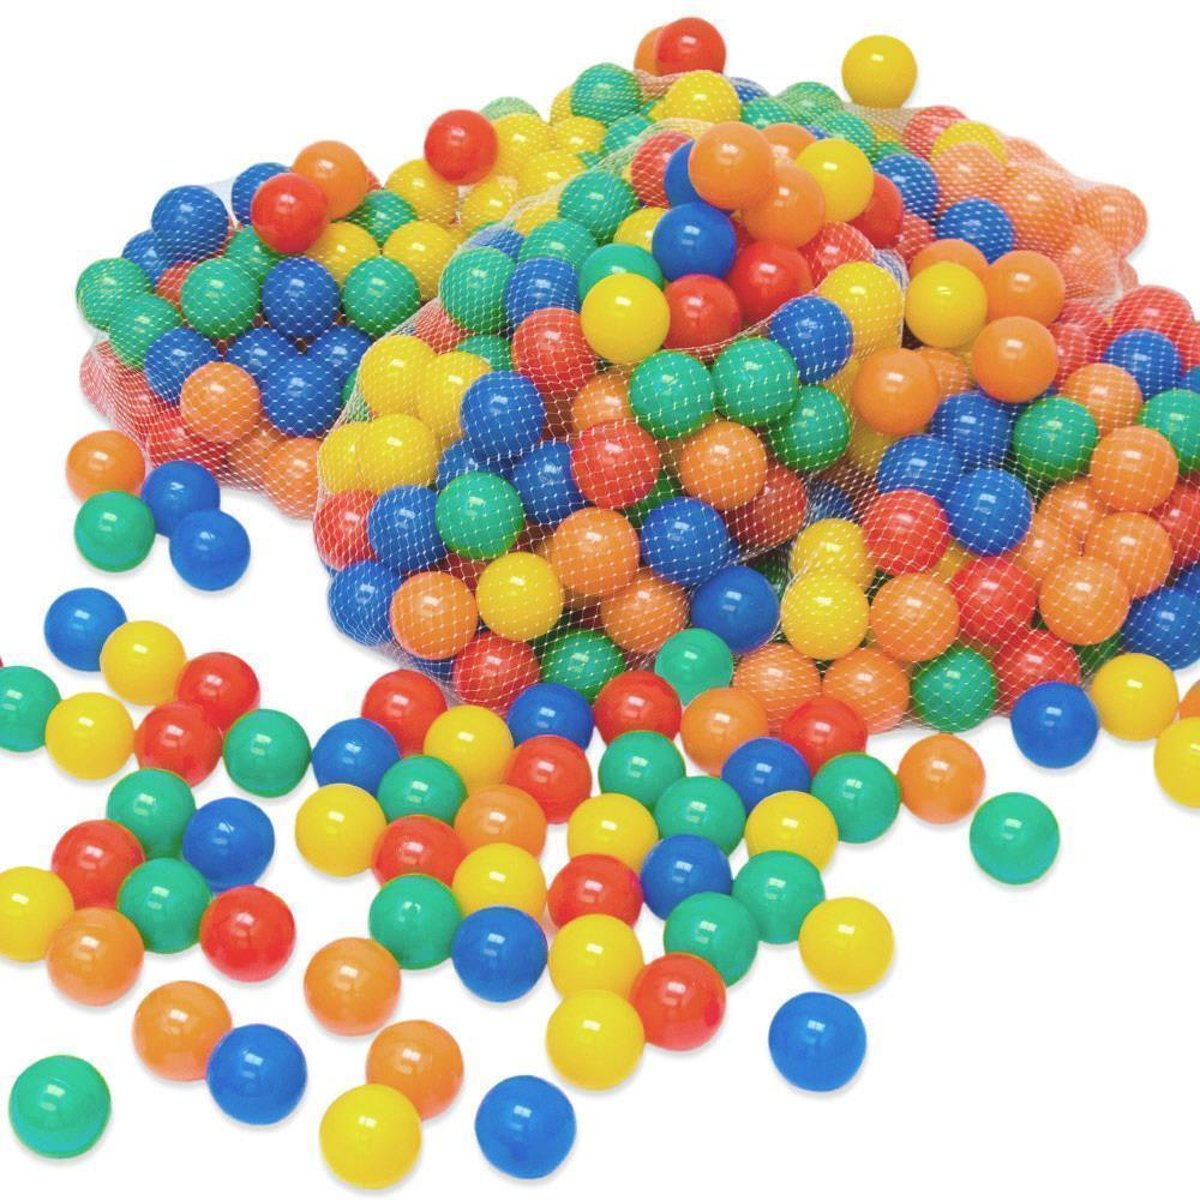 LittleTom 200 Baby Ballenbak Ballen - Ø 6cm - SGS-certificaat vanaf 0 Jaar - Multicolor Mix - gekleurde Kunststof Speelballen voor Binnen en Buiten